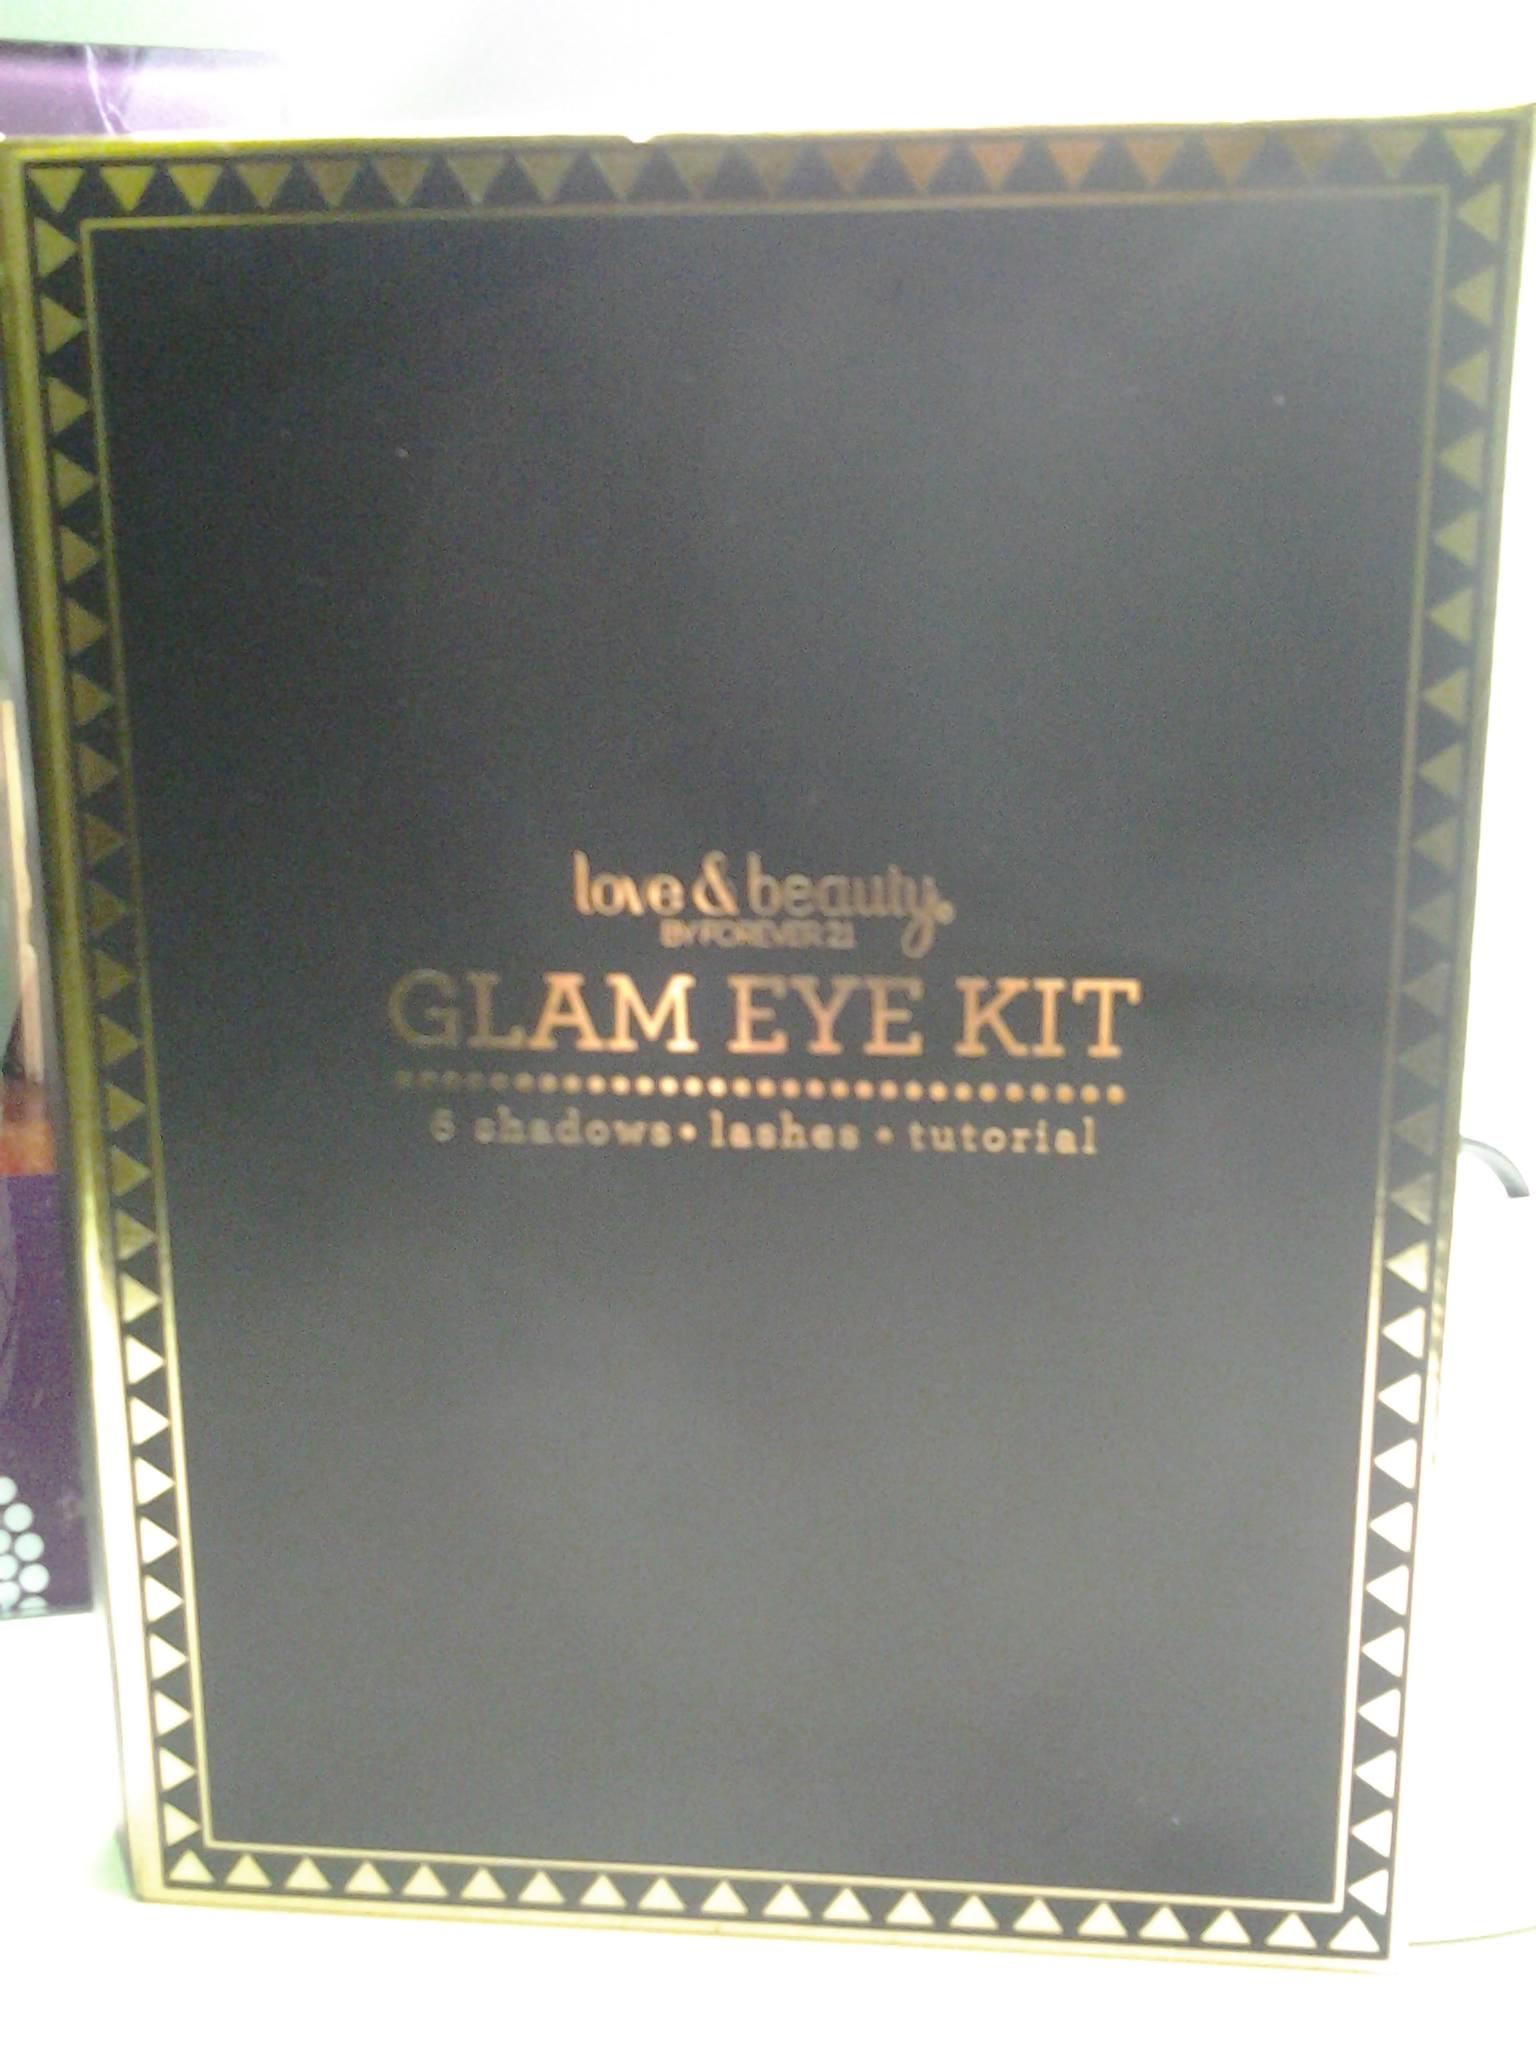 Glam Eye Kit